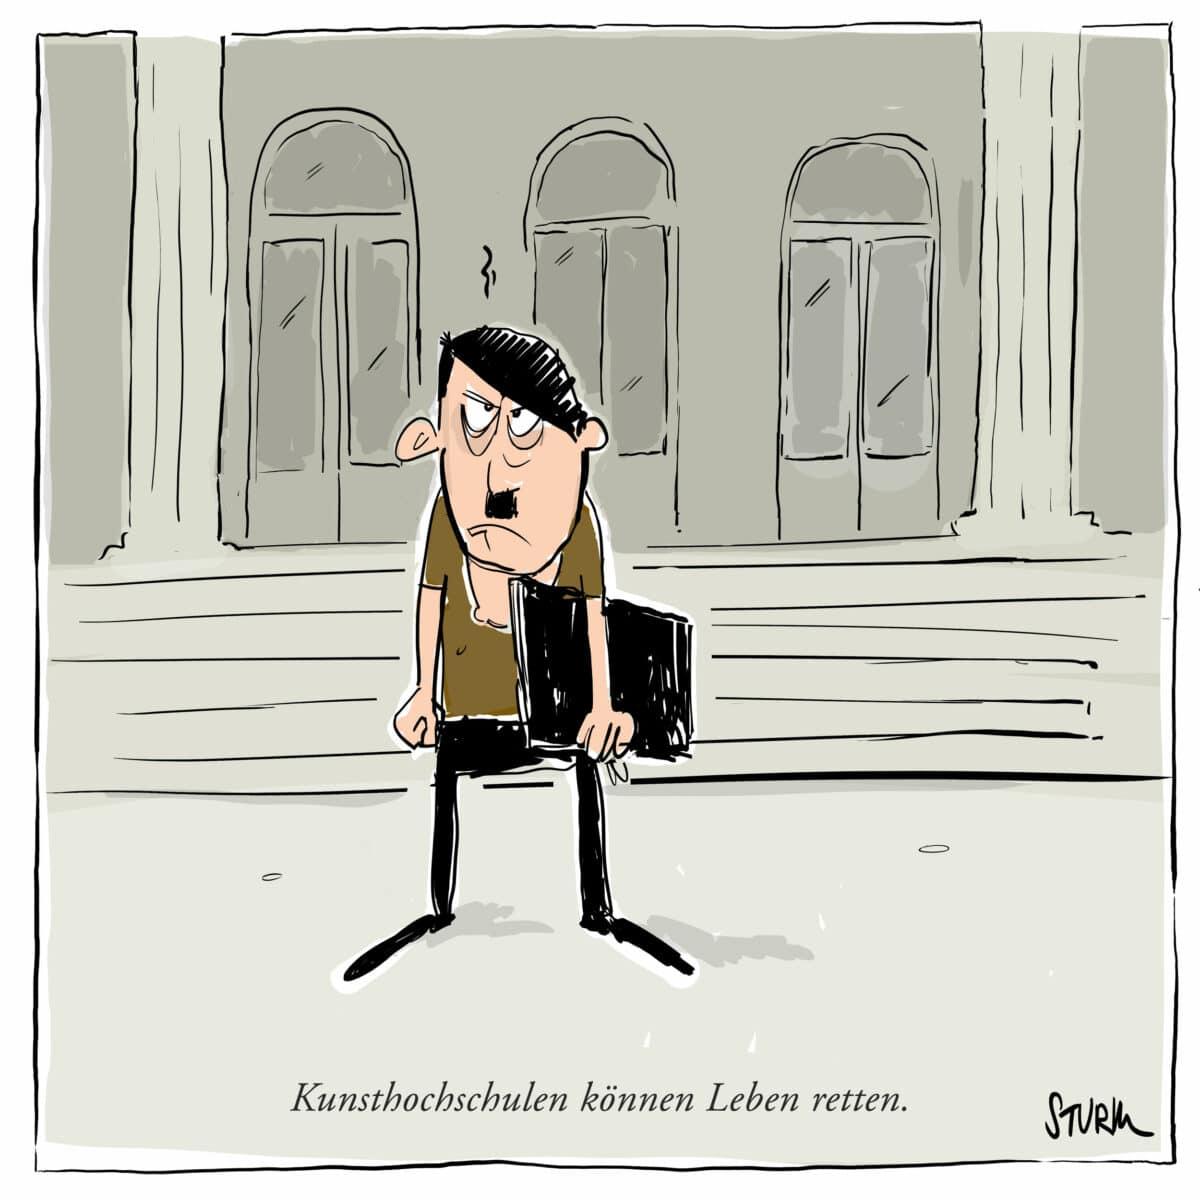 Kunsthochschulen können Leben retten - Cartoon von Philipp Sturm